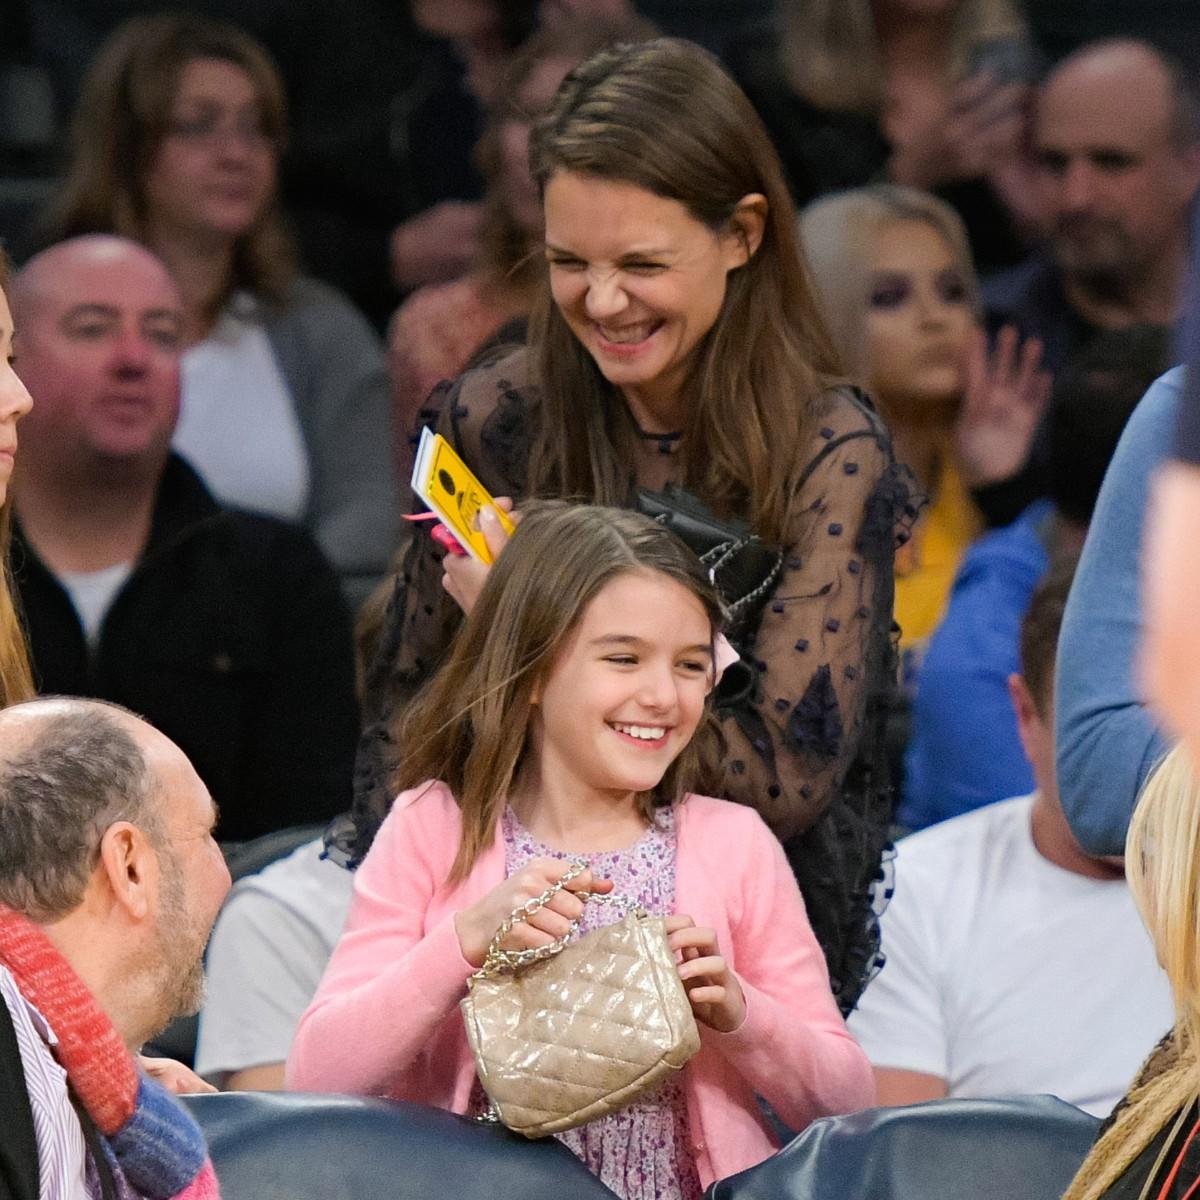 Hành trình nhan sắc 2 công chúa nhà sao hot nhất Hollywood: Harper Beckham xinh ra, Suri Cruise ngày càng bị dìm - Ảnh 35.